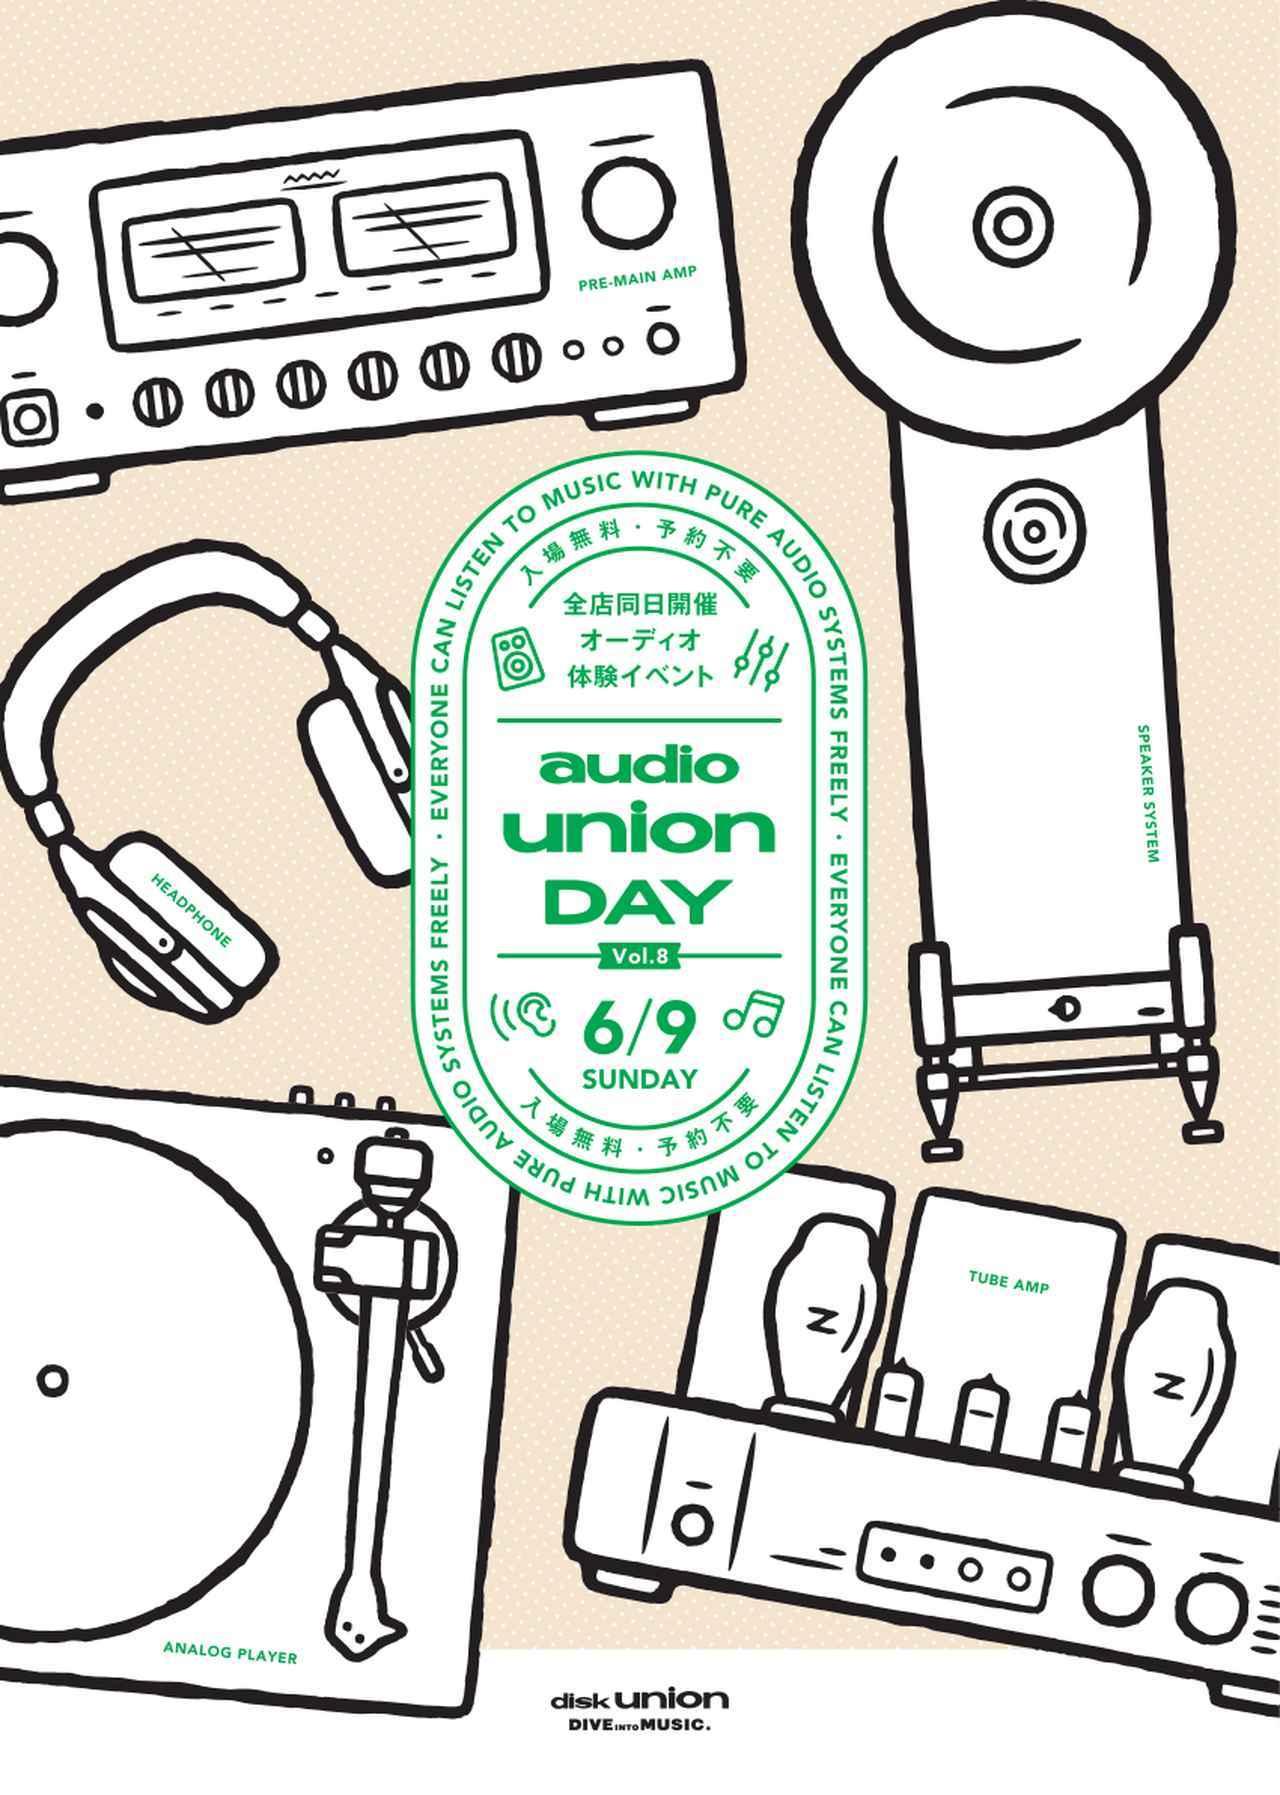 画像: 6月9日(日)はオーディオユニオンデイ。 ステレオサウンドのレコードを聴きに行こう - Stereo Sound ONLINE